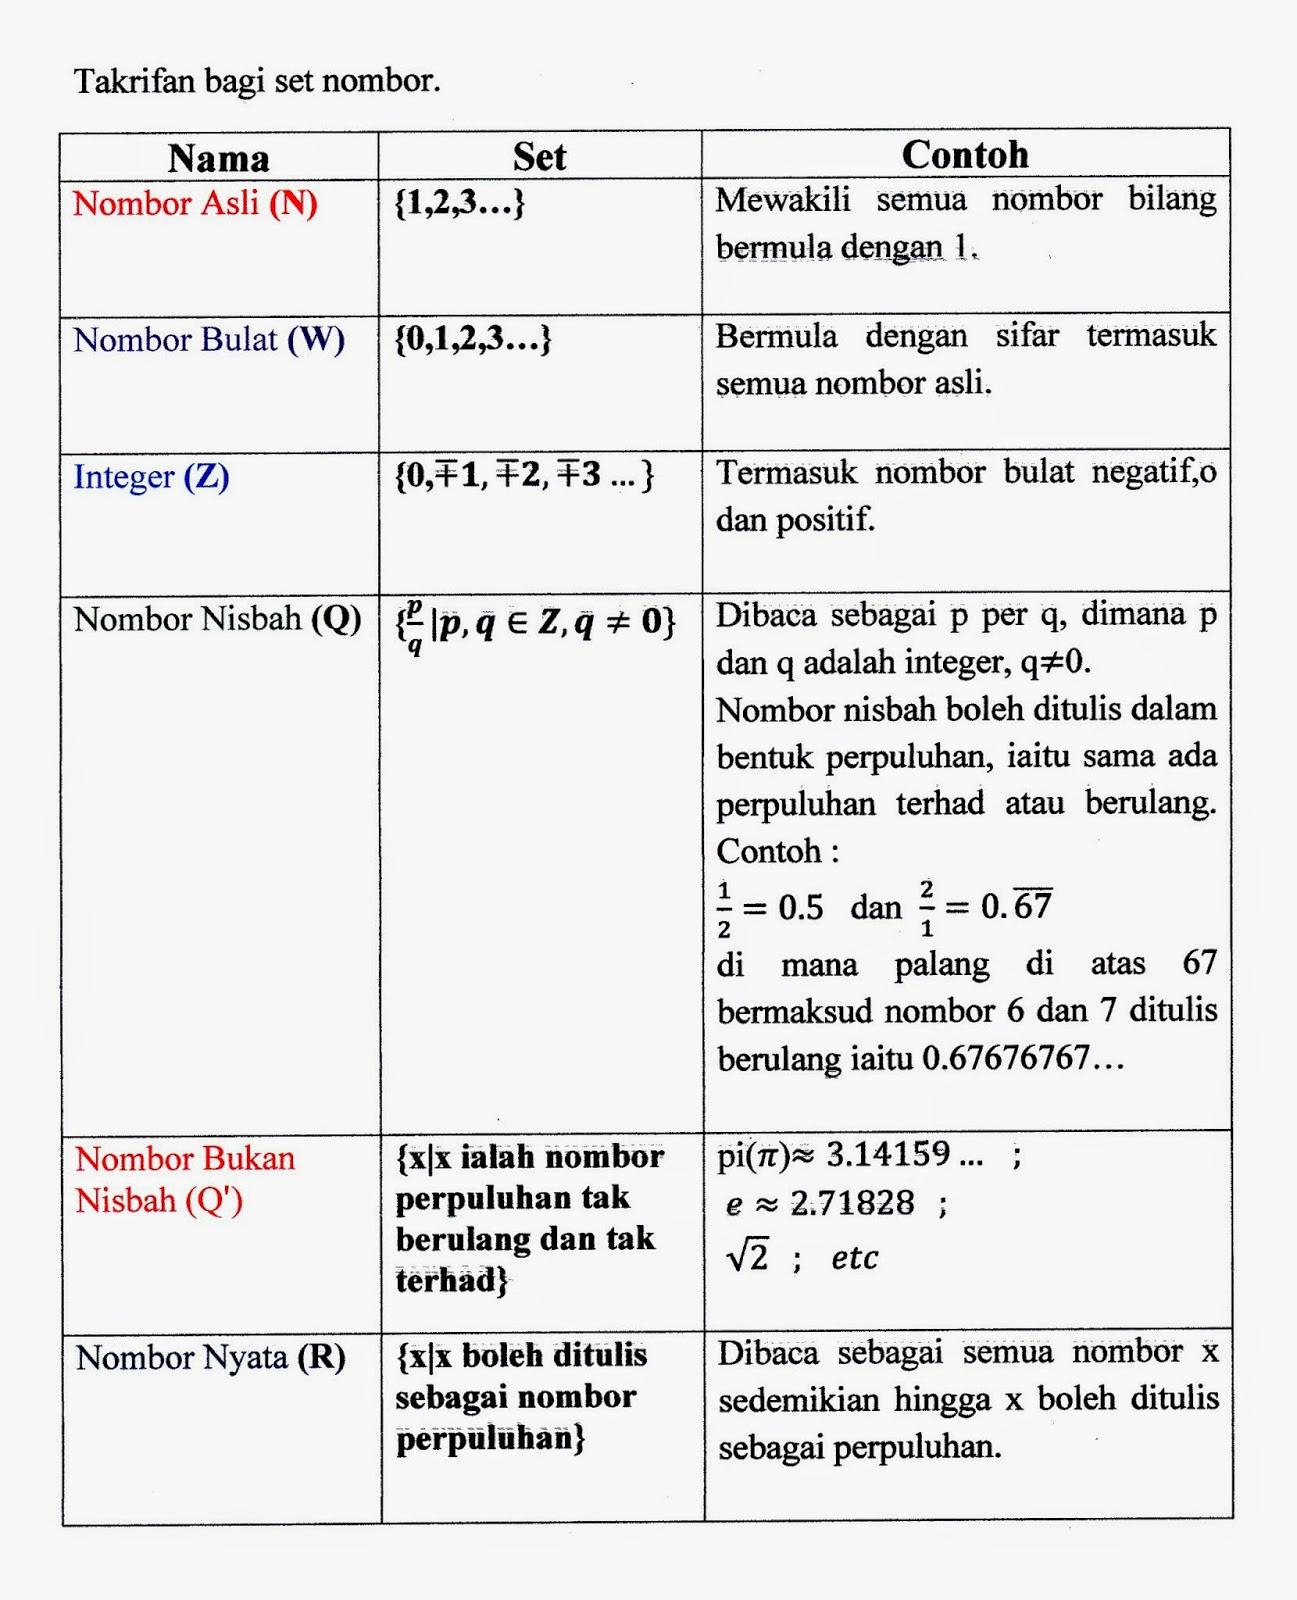 Seronok Belajar Bahasa Malaysia 2014